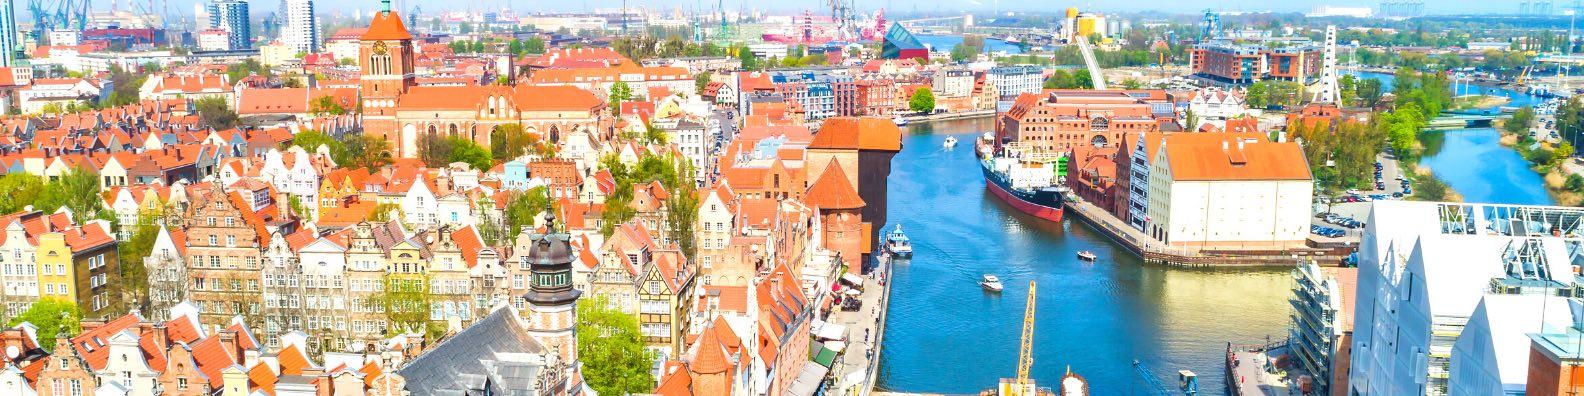 Czy opłaca się kupić mieszkanie na wynajem w Gdańsku?